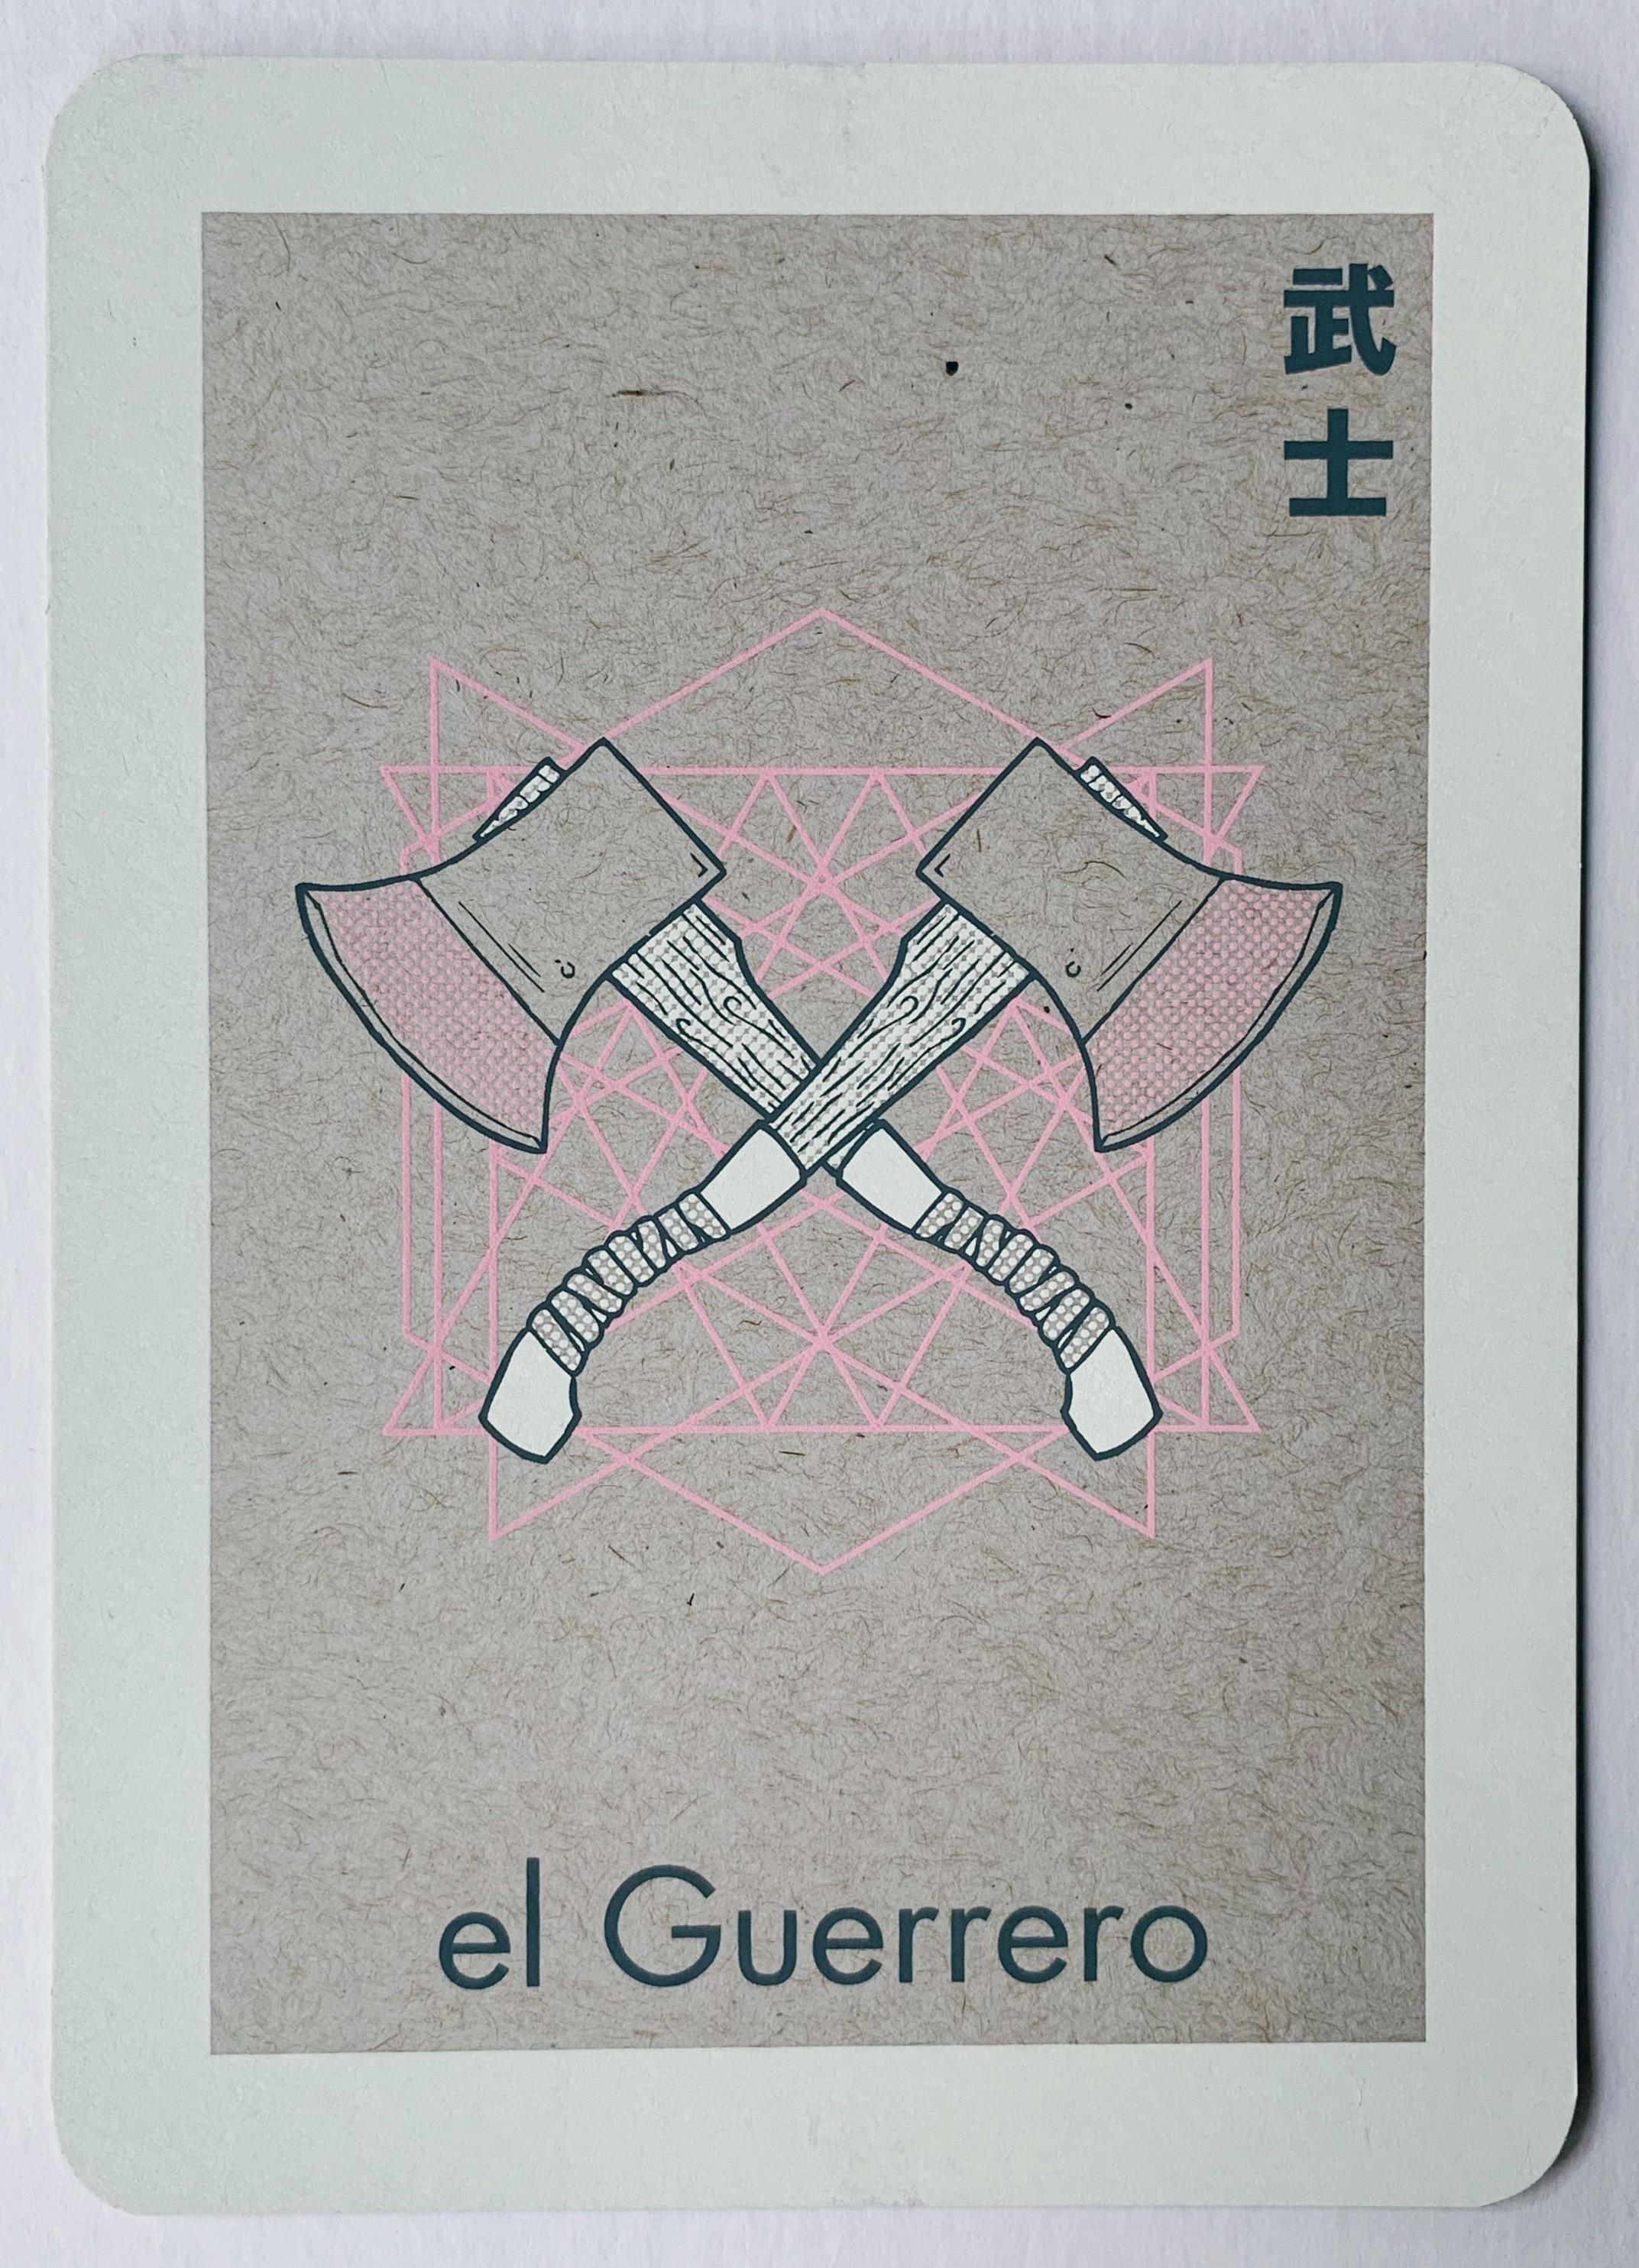 el Guerrero, serigraphy, 2017